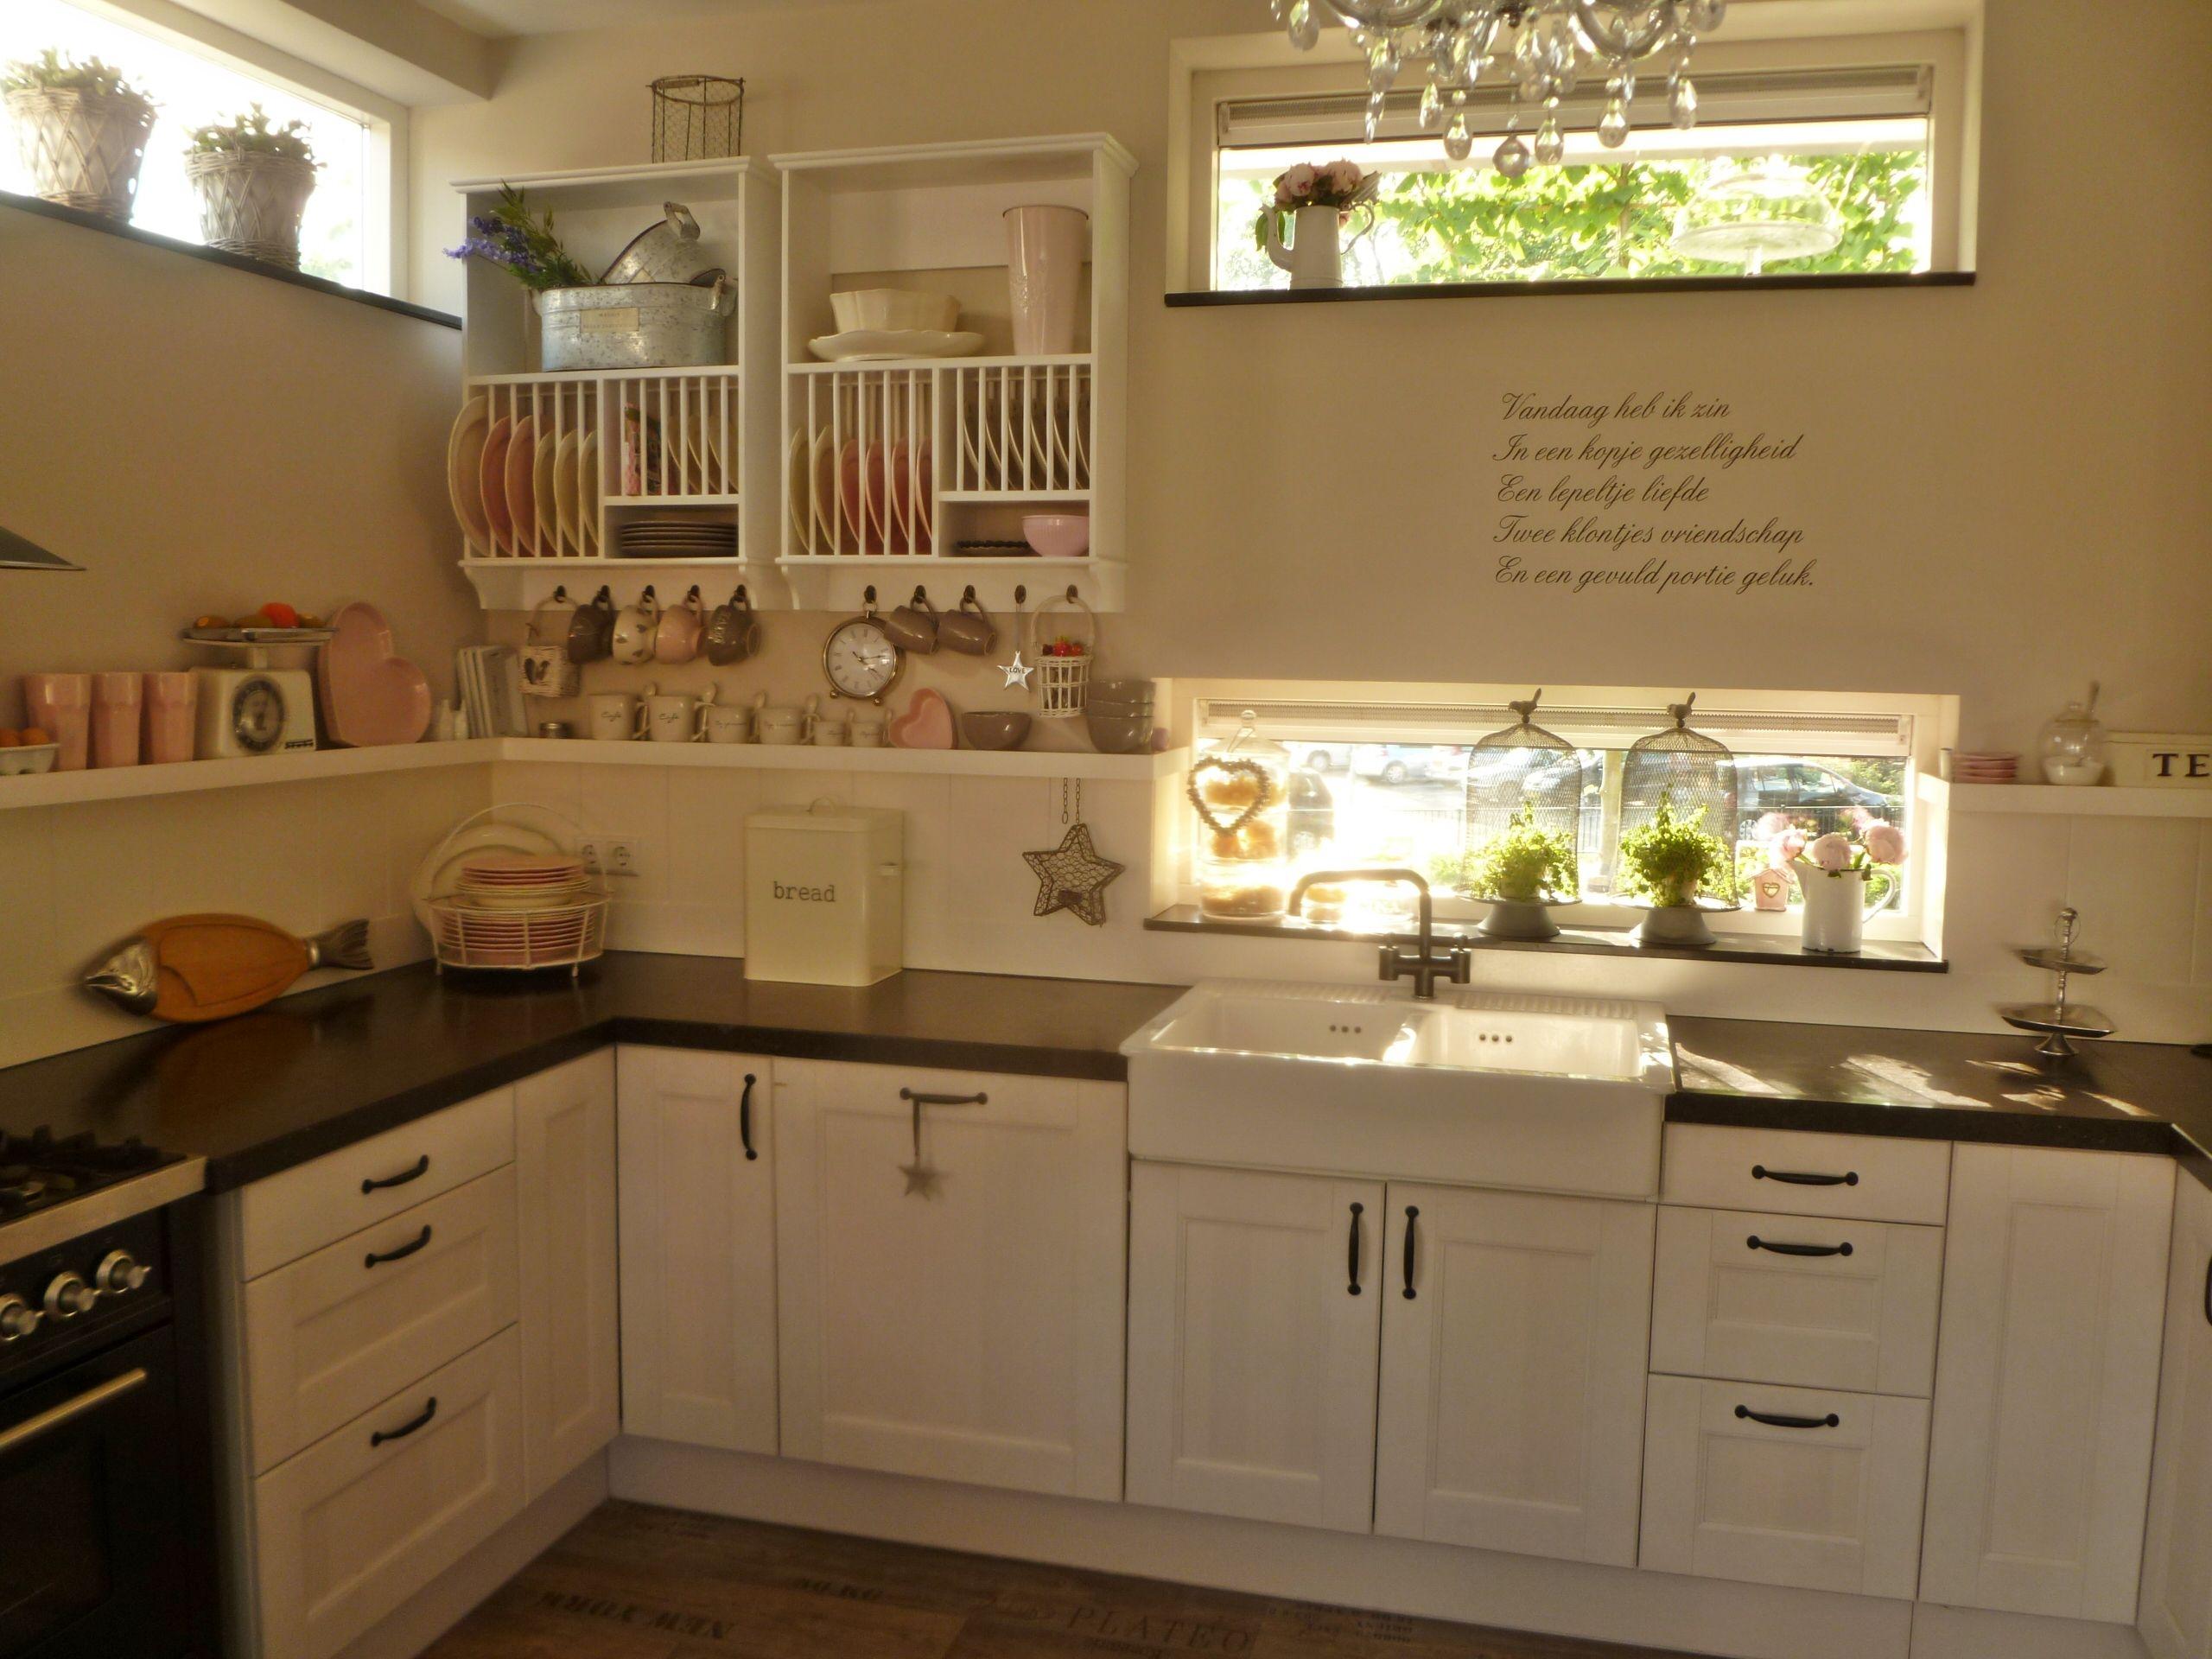 Kitchen By Tamara Jonker Ikea Keuken Keuken Keukenkast